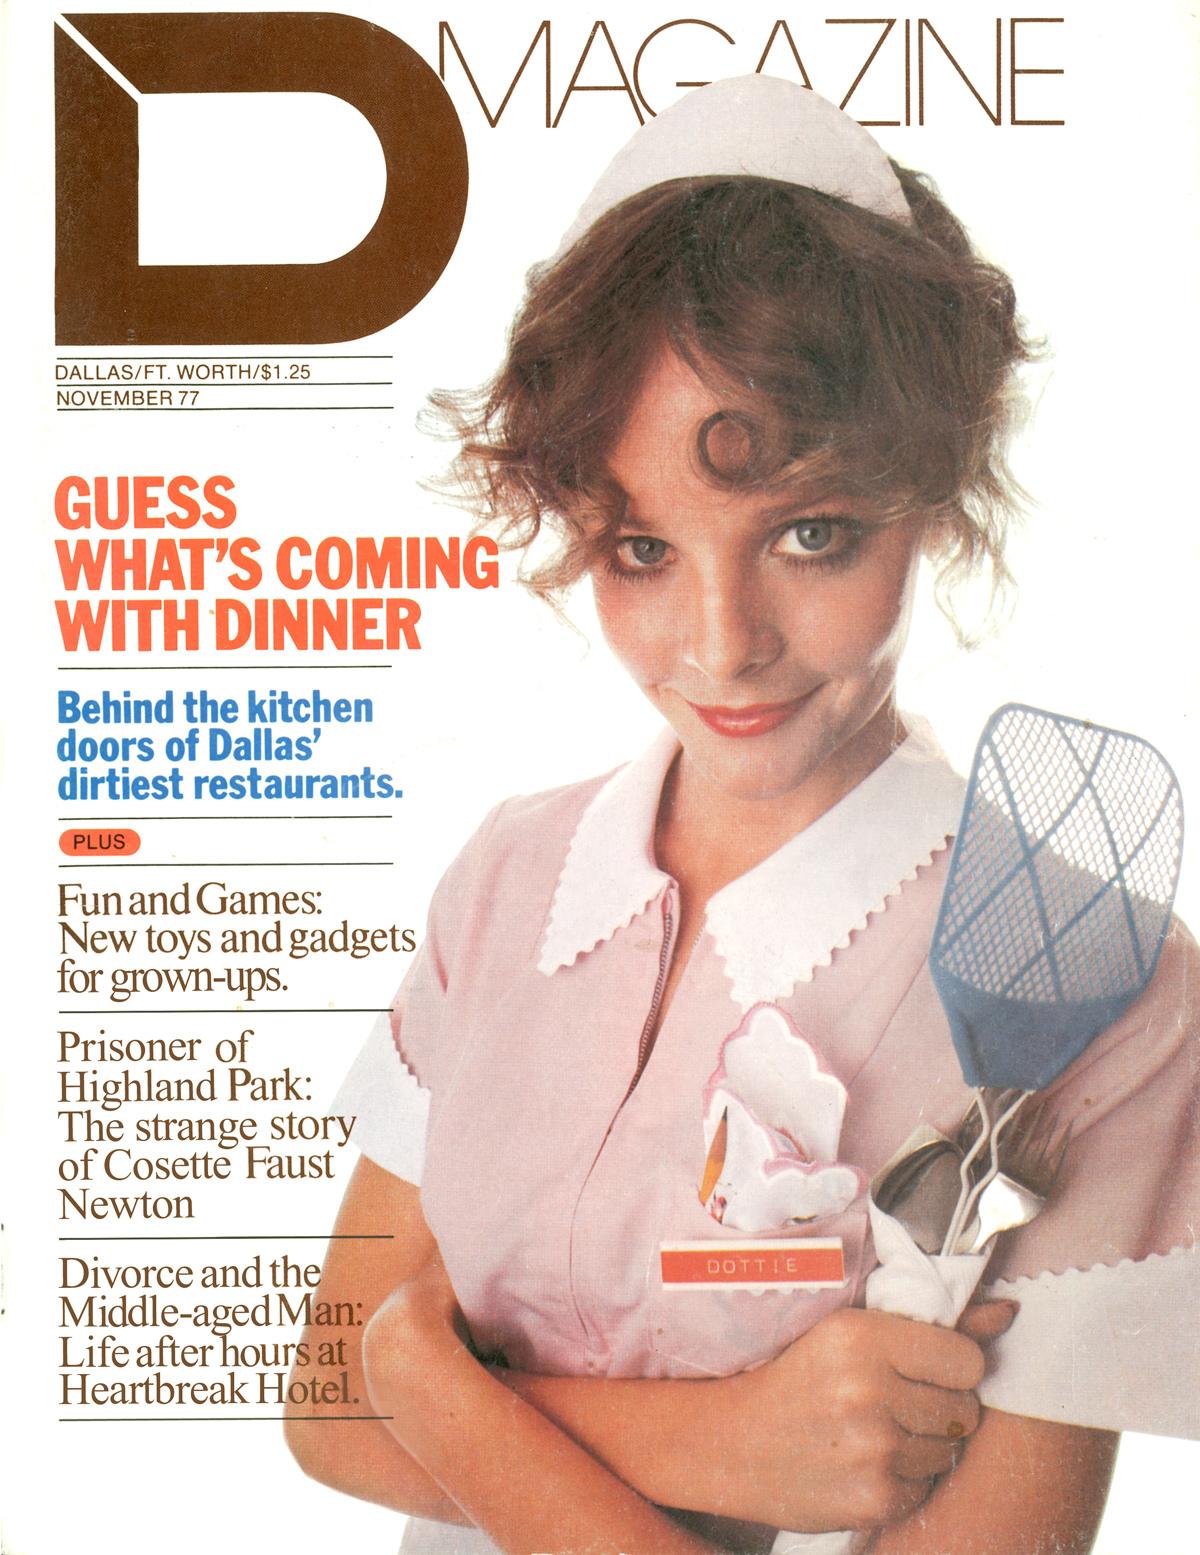 November 1977 cover